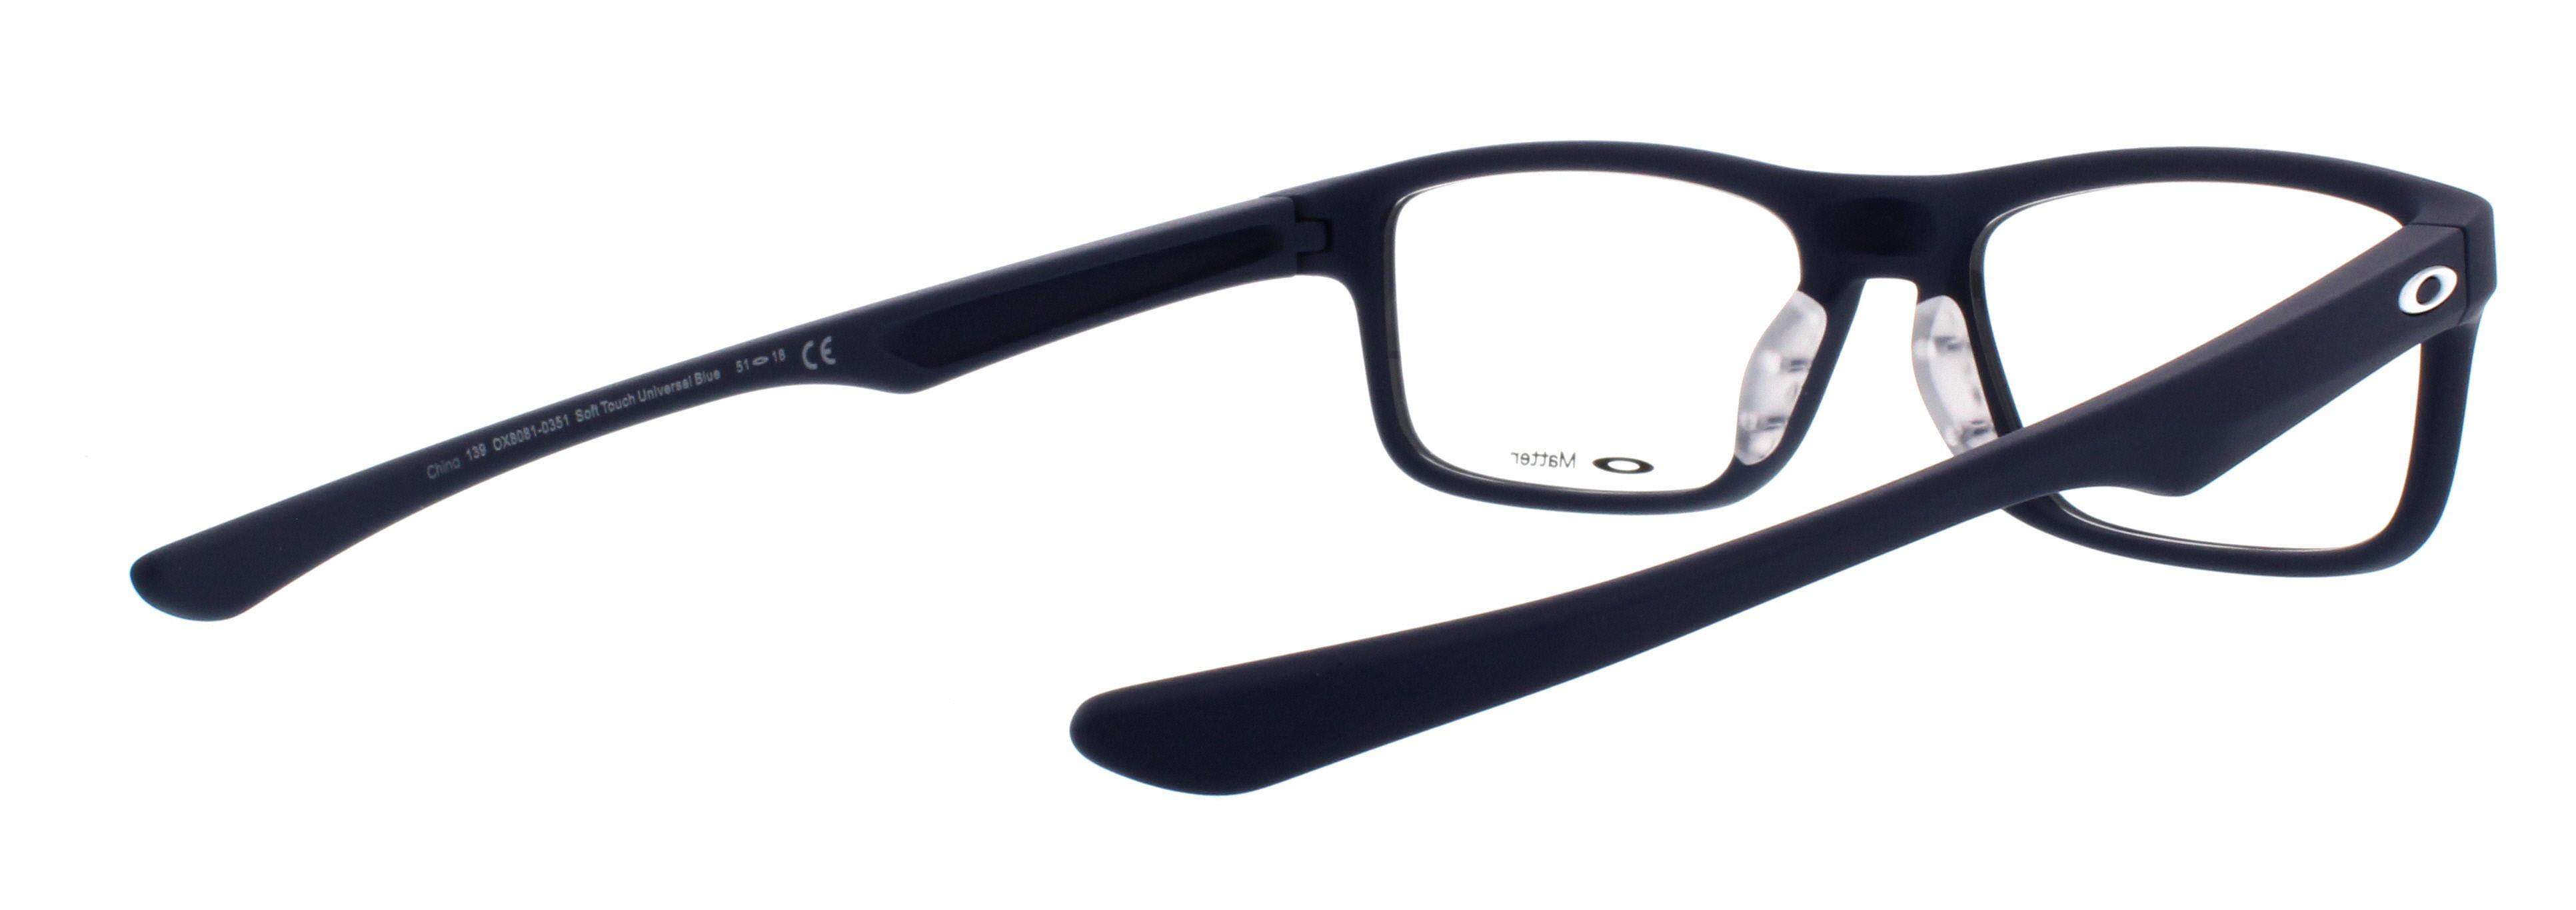 4f46fcb3f3a Designer Frames Outlet. Oakley PLANK 2.0